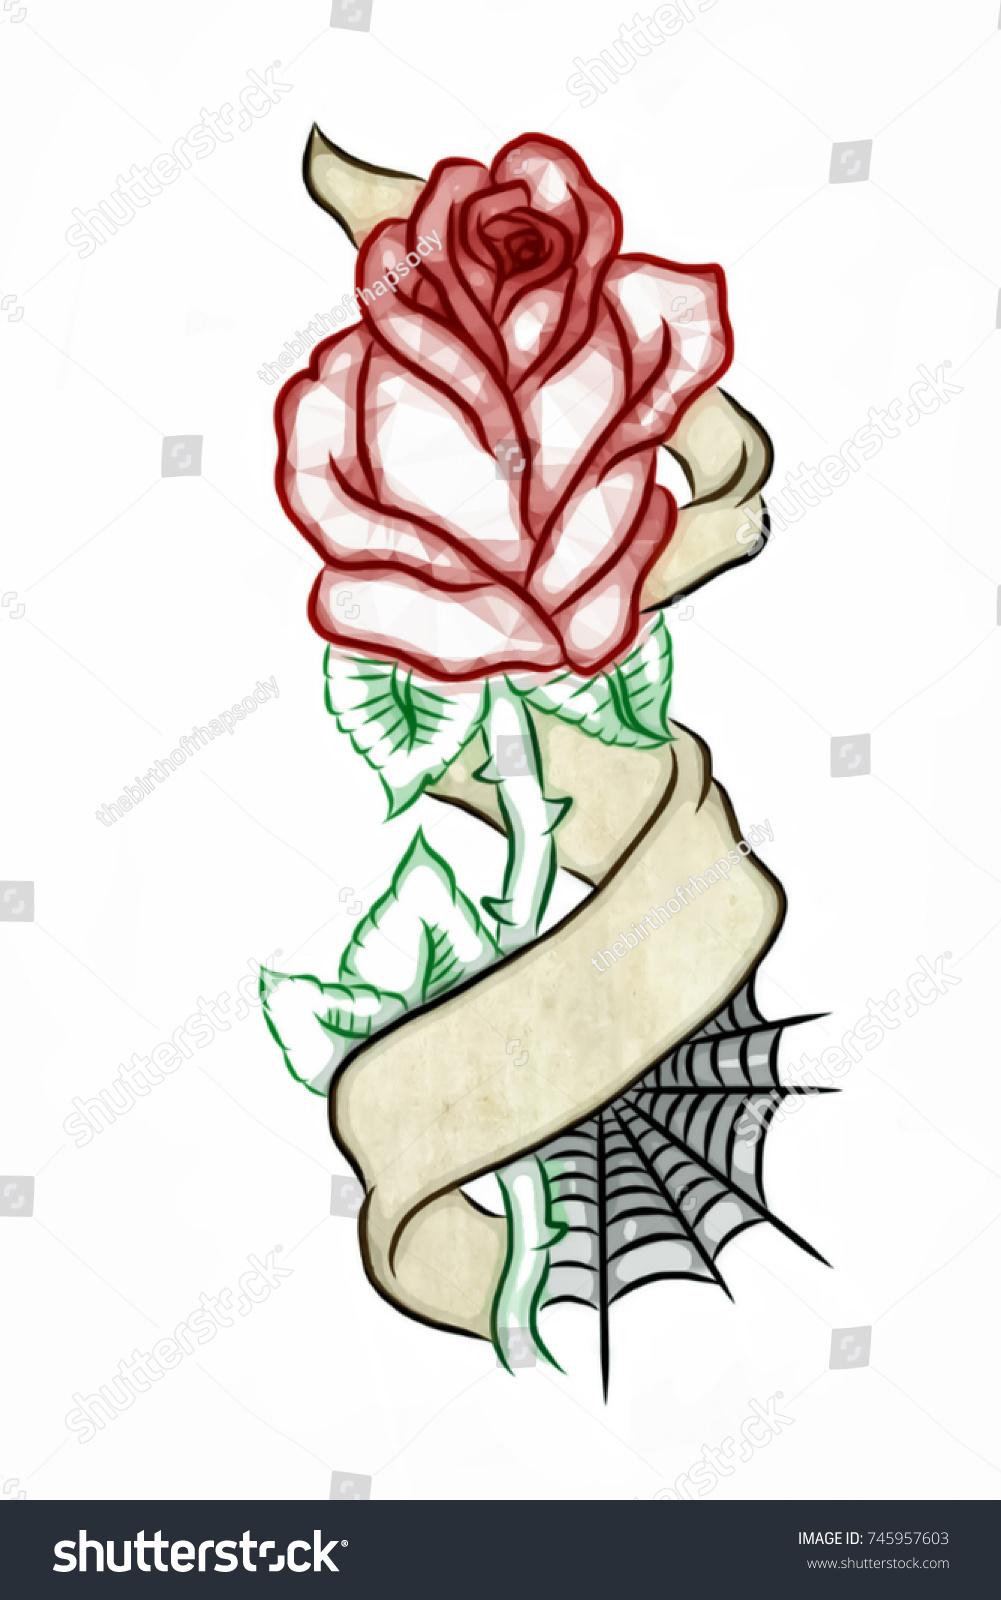 3 D Digitally Illustrated Rose Banner Tattoo Stockillustratie